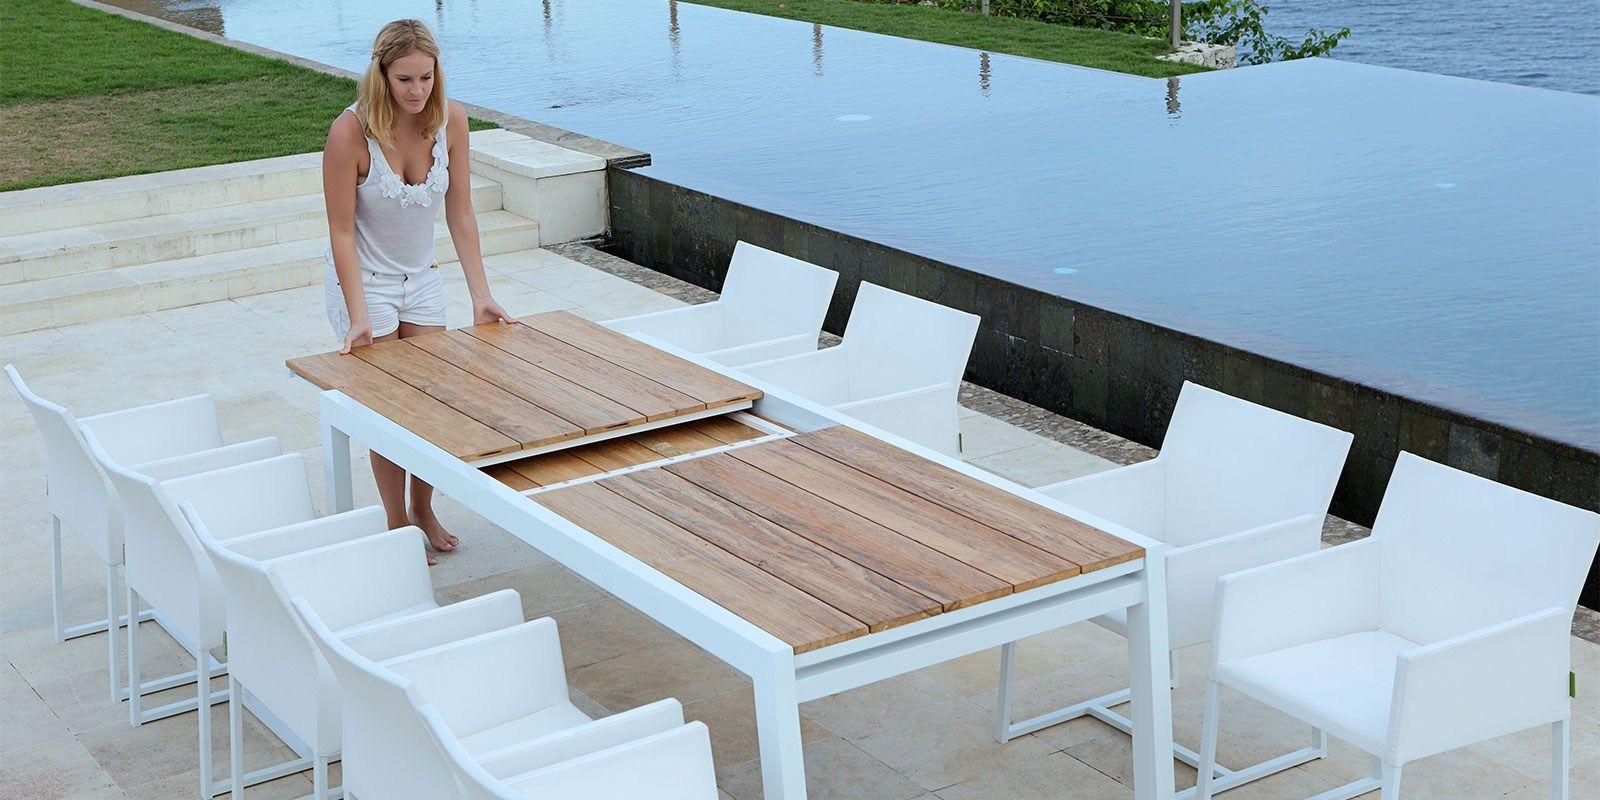 Tavolo allungabile da giardino in alluminio e legno baia tavolo allungabile 170 cm by mamagreen - Tavoli da esterno genova ...